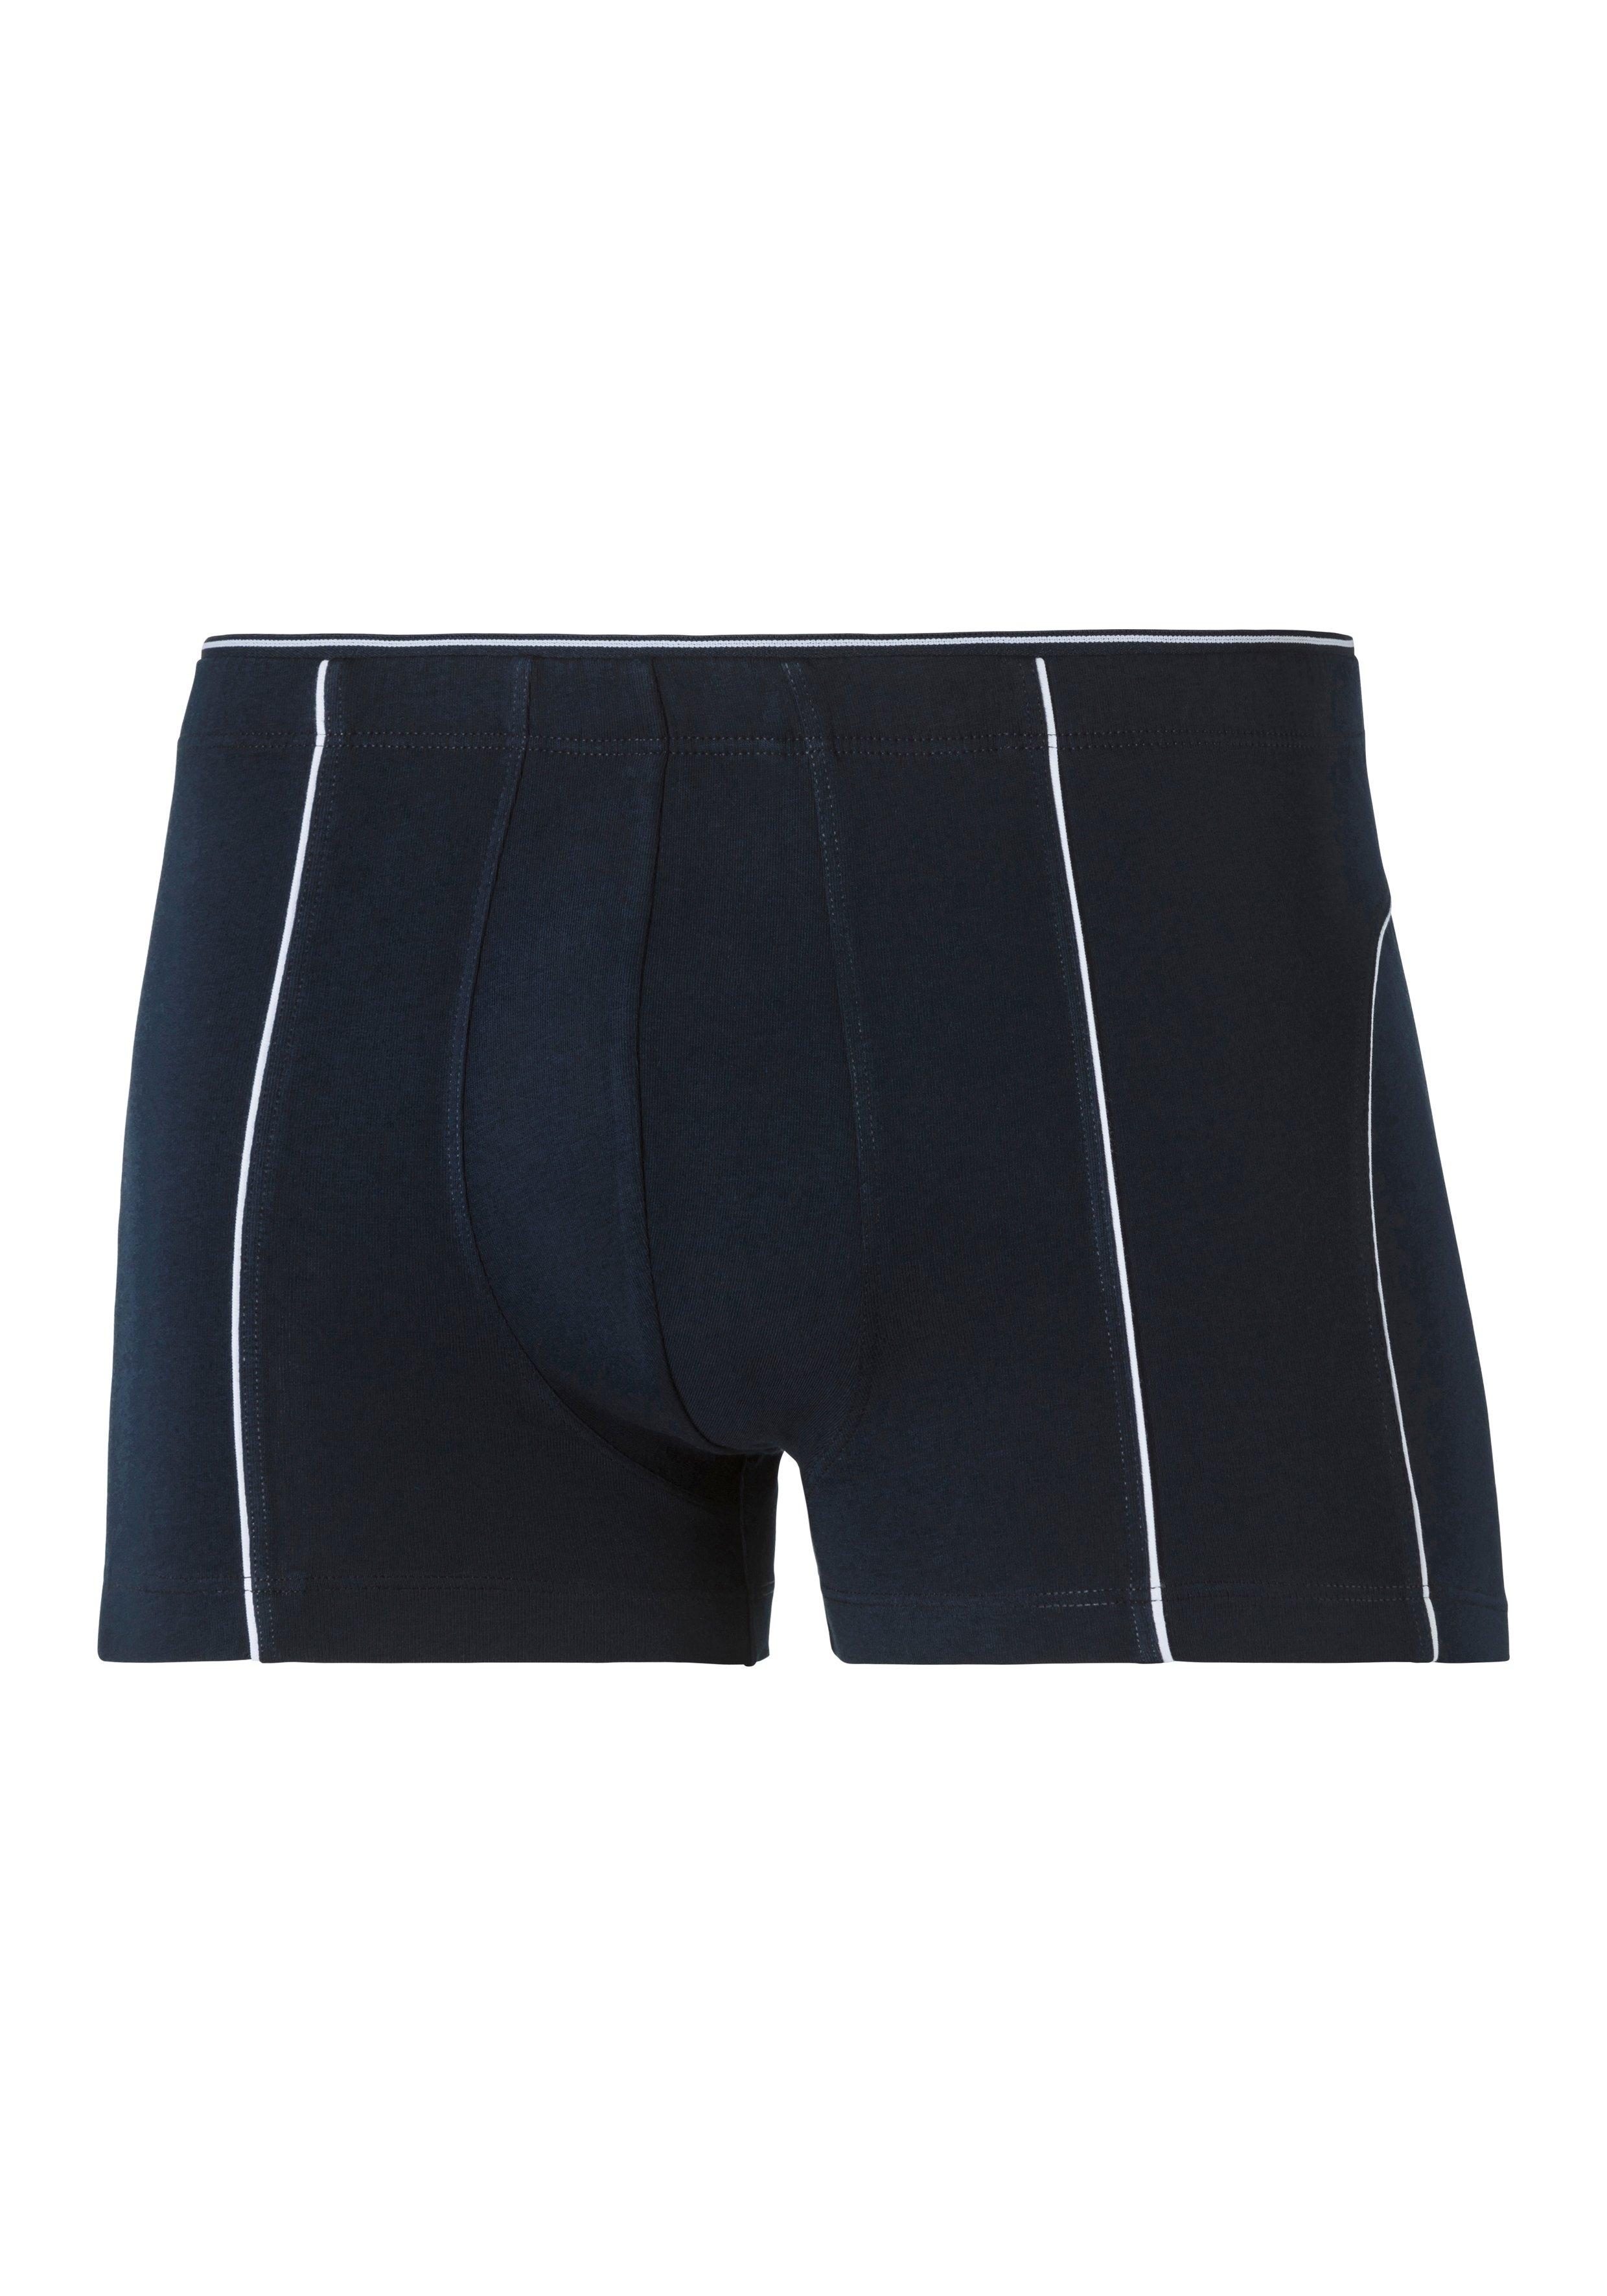 Schiesser boxershort bij Lascana online kopen